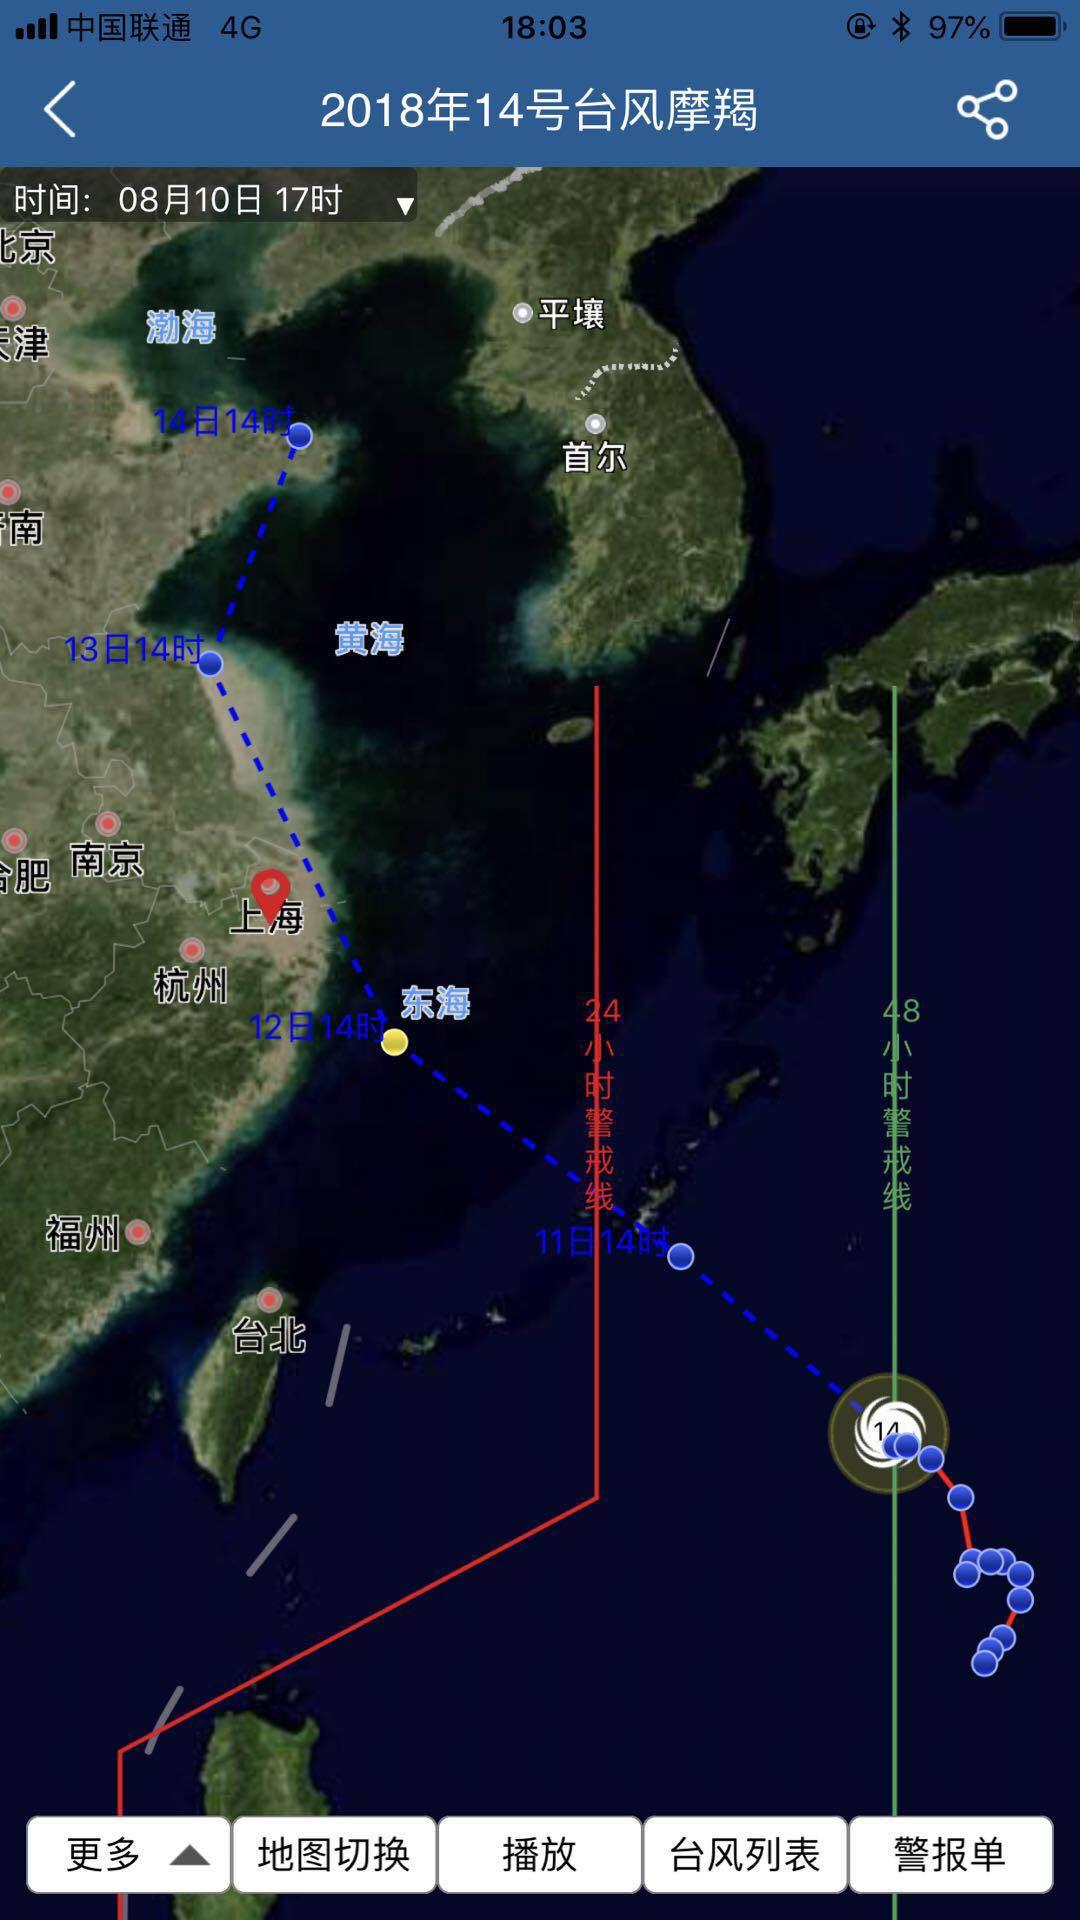 台风 周渊.jpg